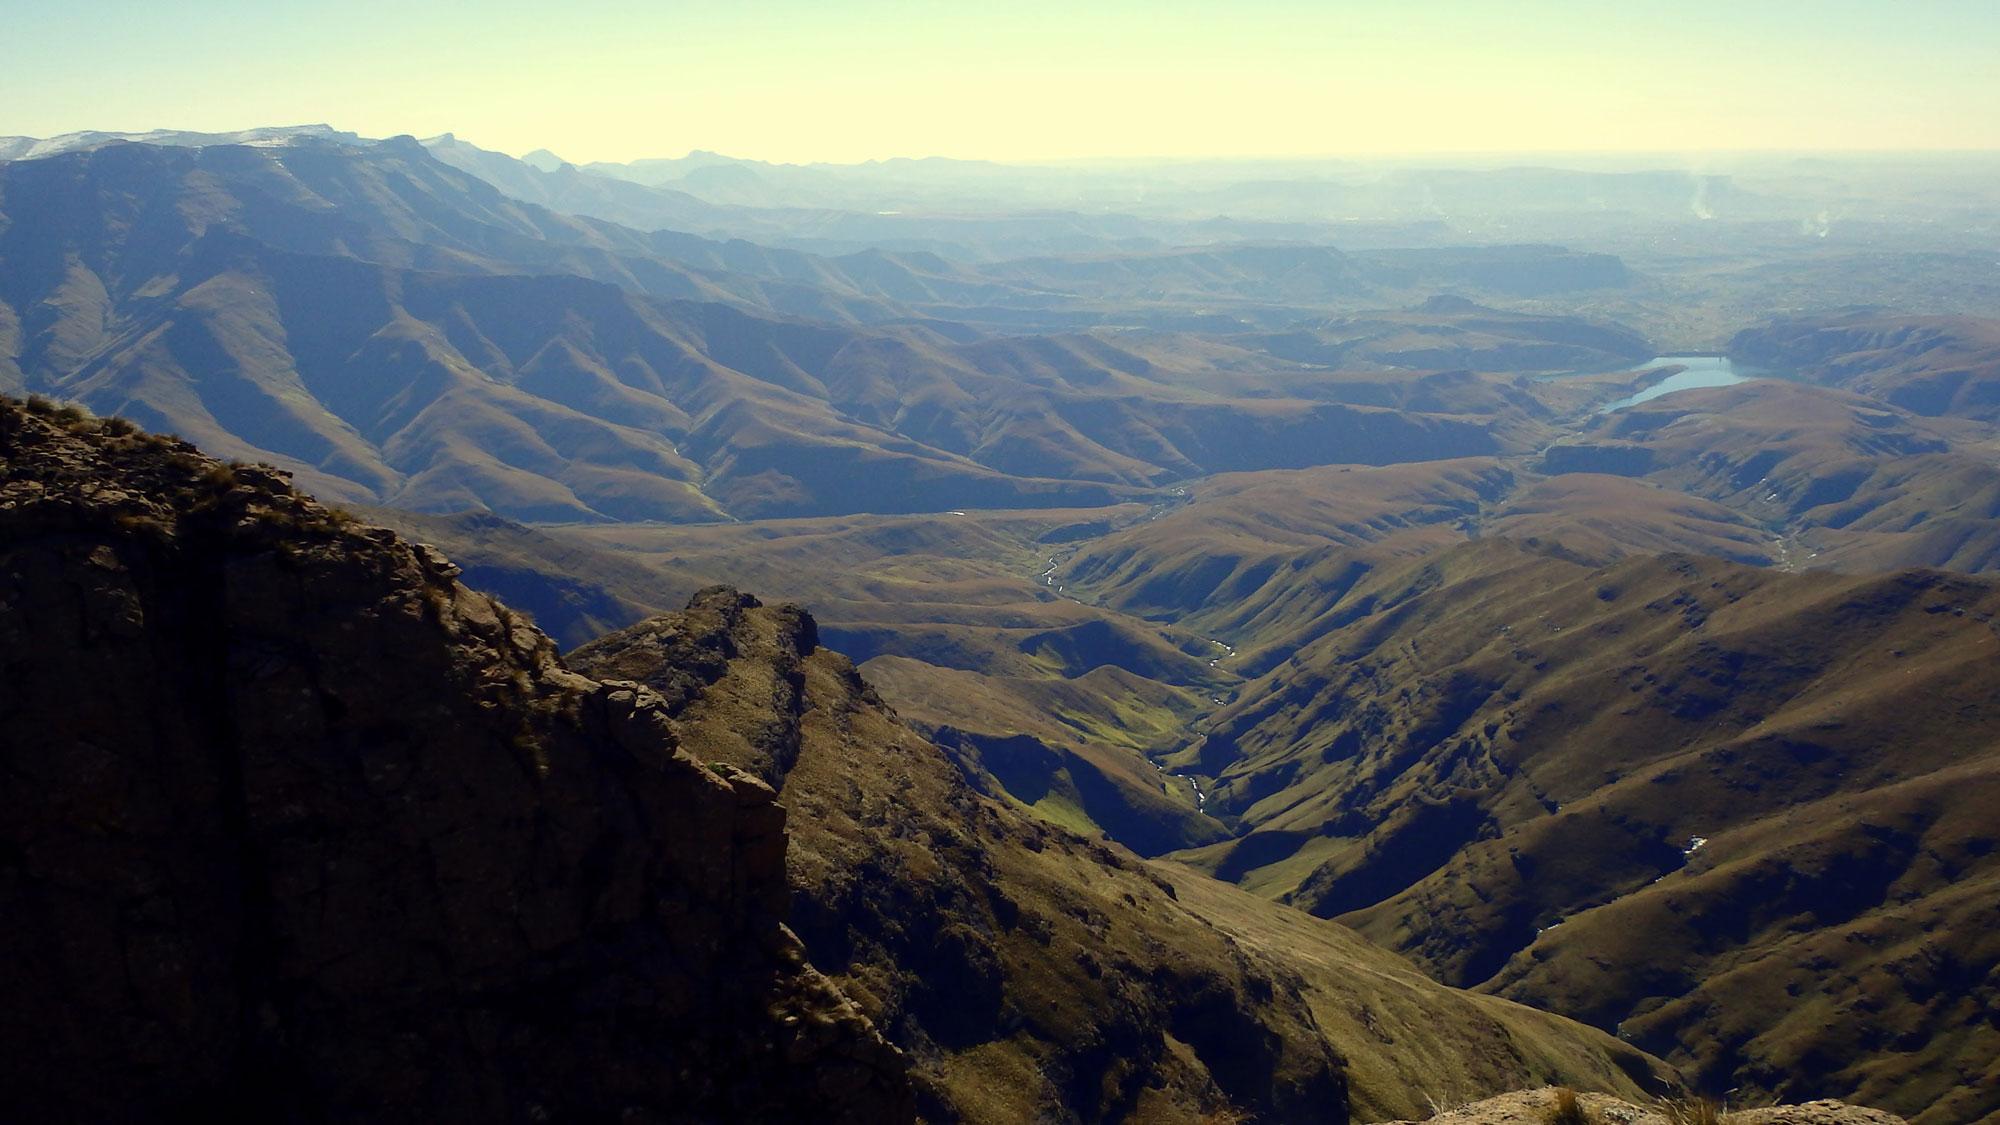 Με-θεα-τις-εκτάσεις-του-KwaZulu-Natal-